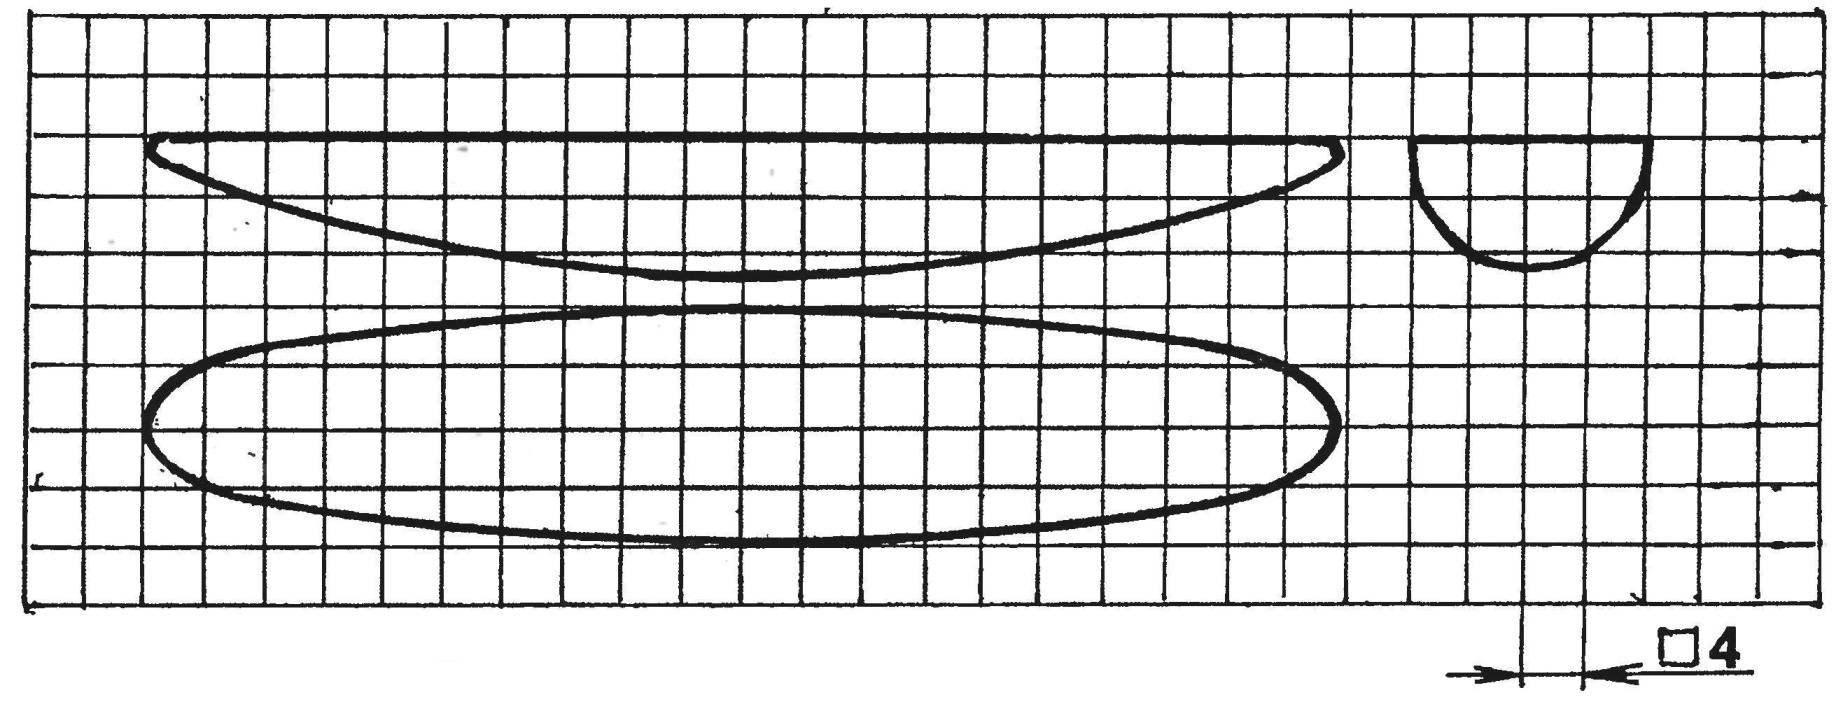 Кельтская «лодочка» и её проекции в натуральную величину